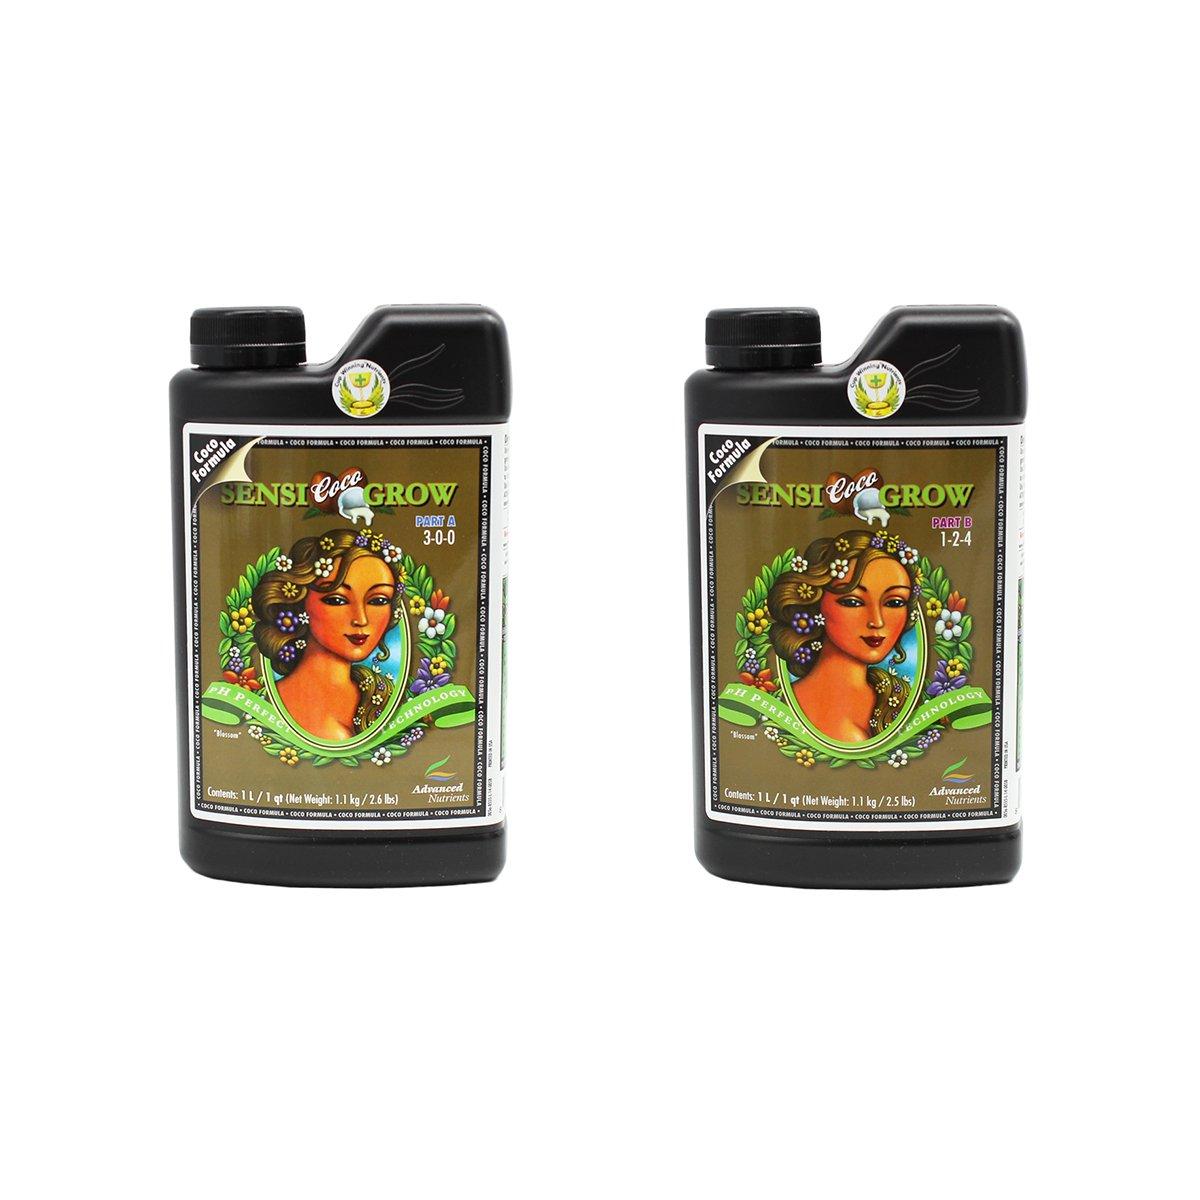 Advanced Nutrients pH Perfect Sensi Grow Coco Part A+B Soil Amendments, 500ml 8550-13AB